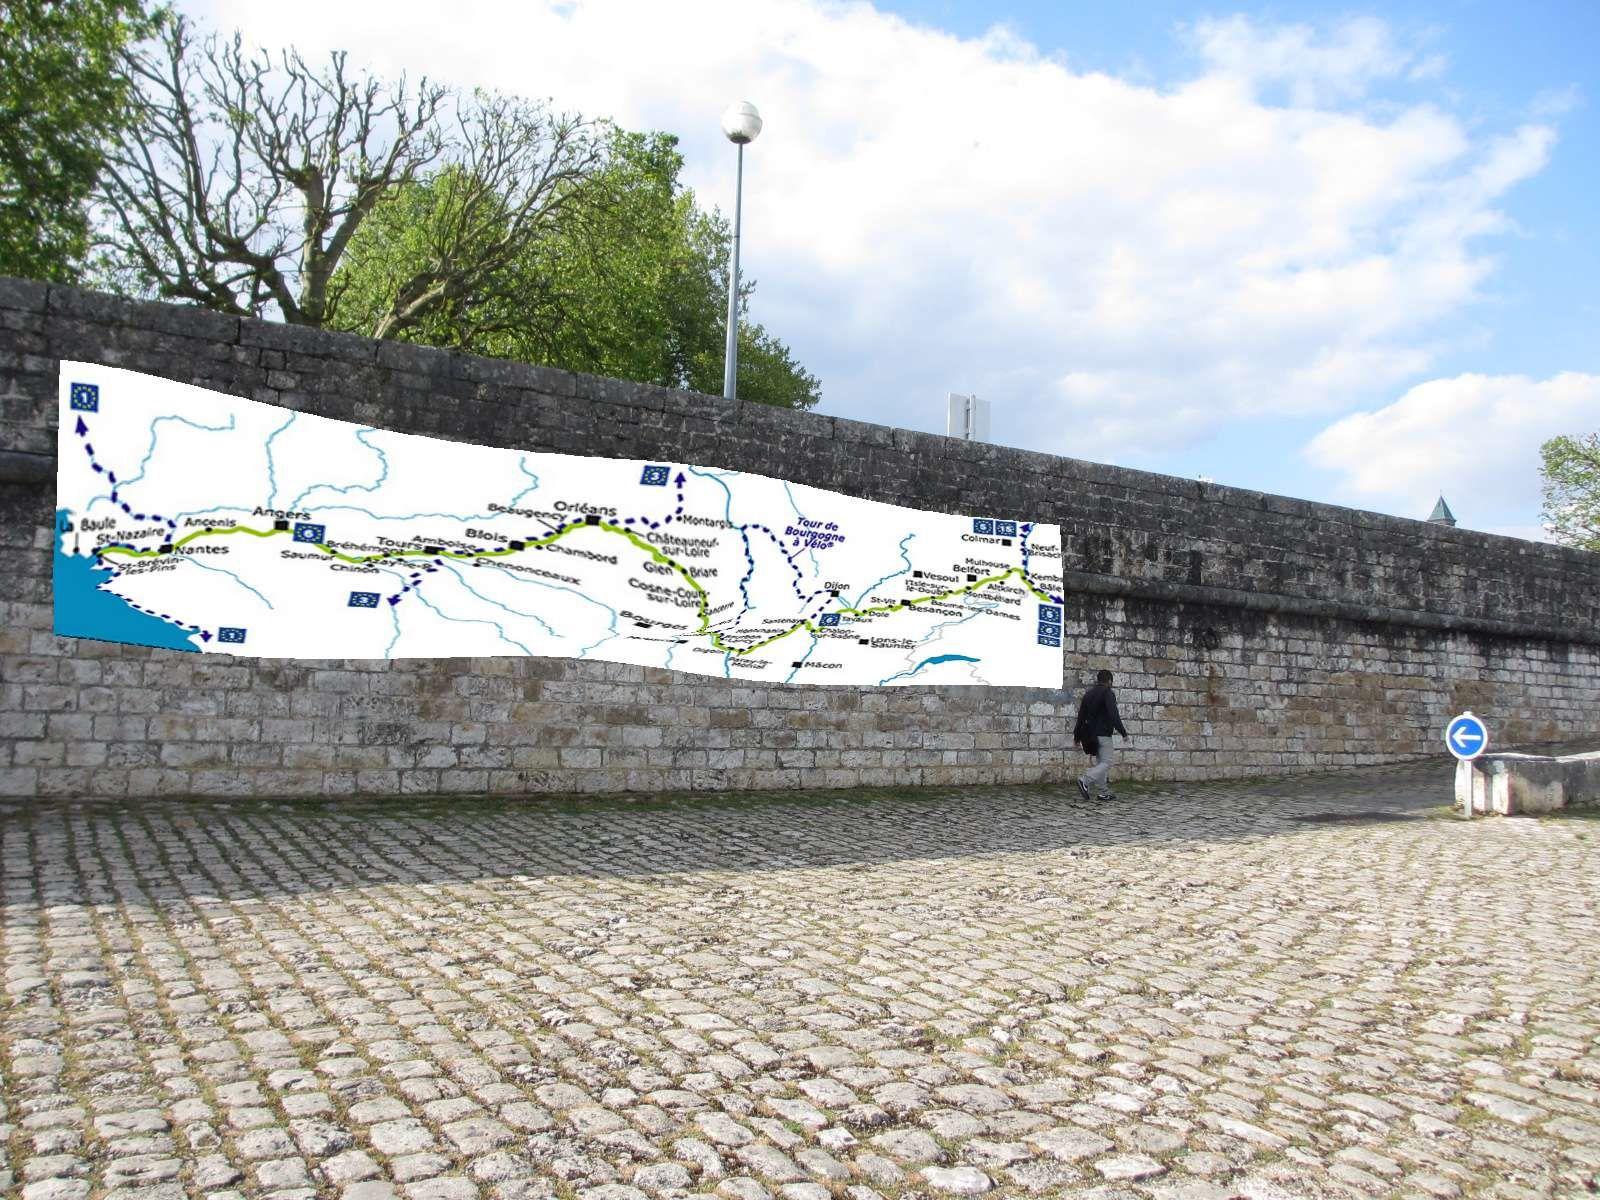 Des promeneurs pourraient redécouvrir autrement le fleuve royal. Les riverains rêveraient sur le chemin au fil de l'eau en regardant vers Waldshut sur le Rhin (ville jumelée avec Blois) . Des cyclistes européens venant de Bâle échangeraient leurs expériences au pied de la fresque blésoise.. avec ceux venant de Nantes.